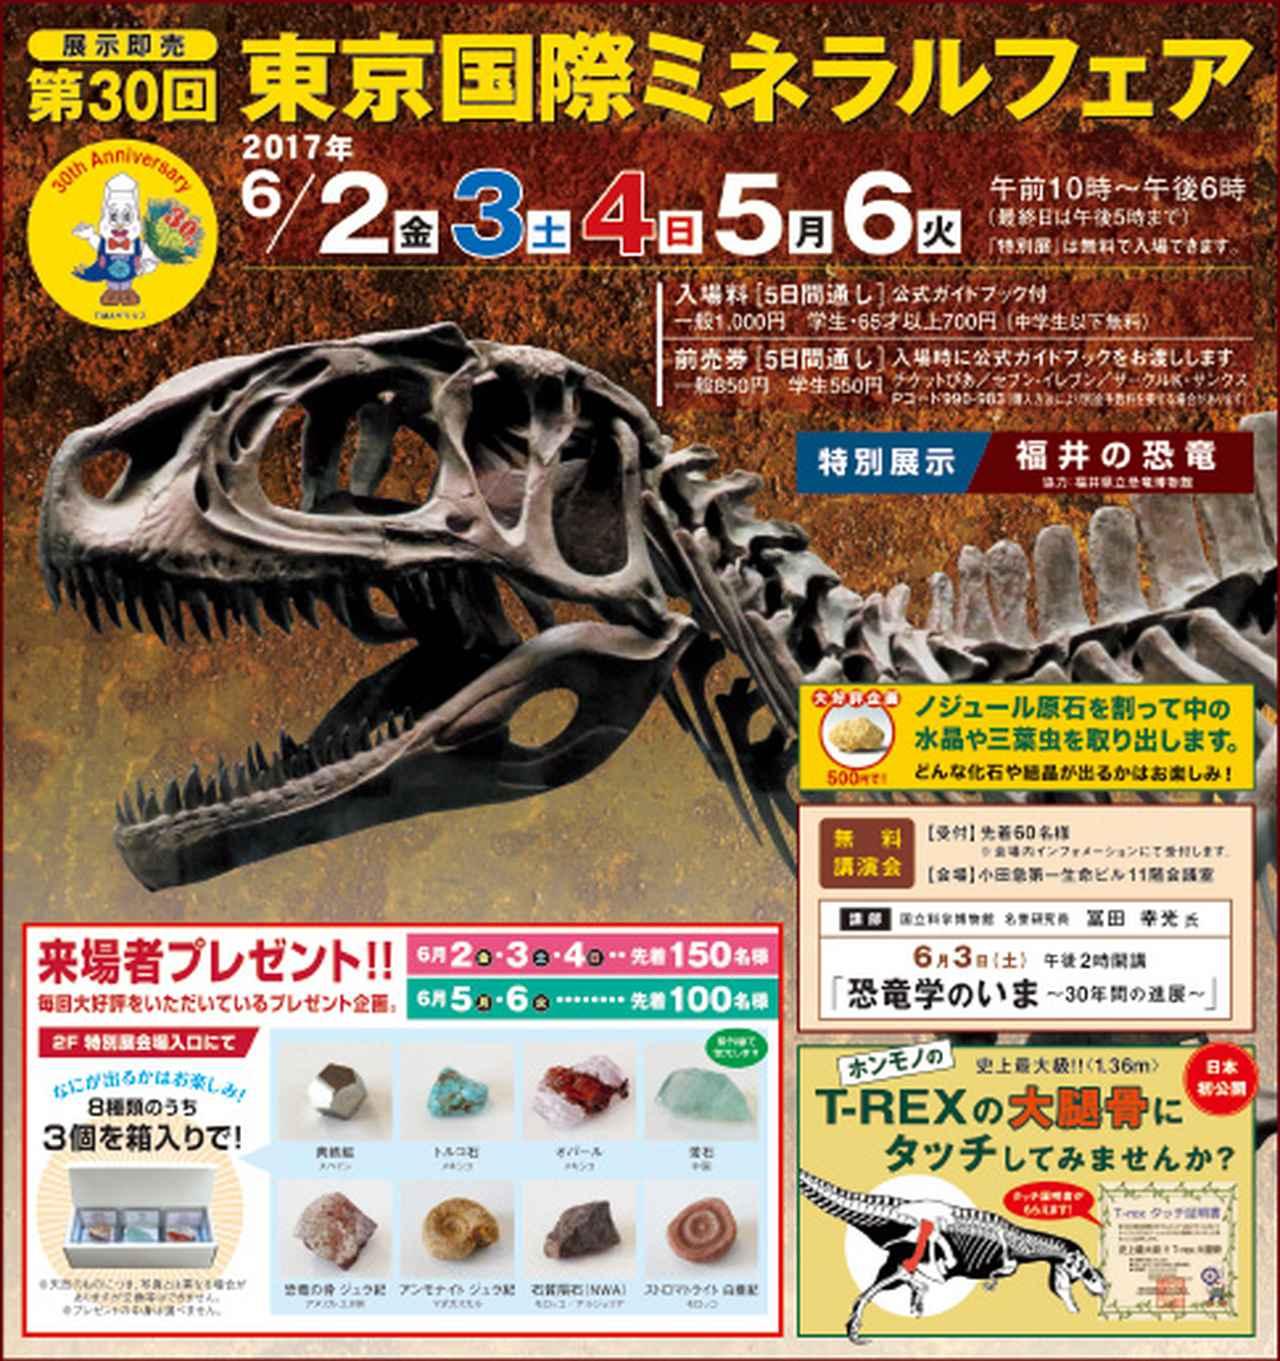 画像: tima.co.jp